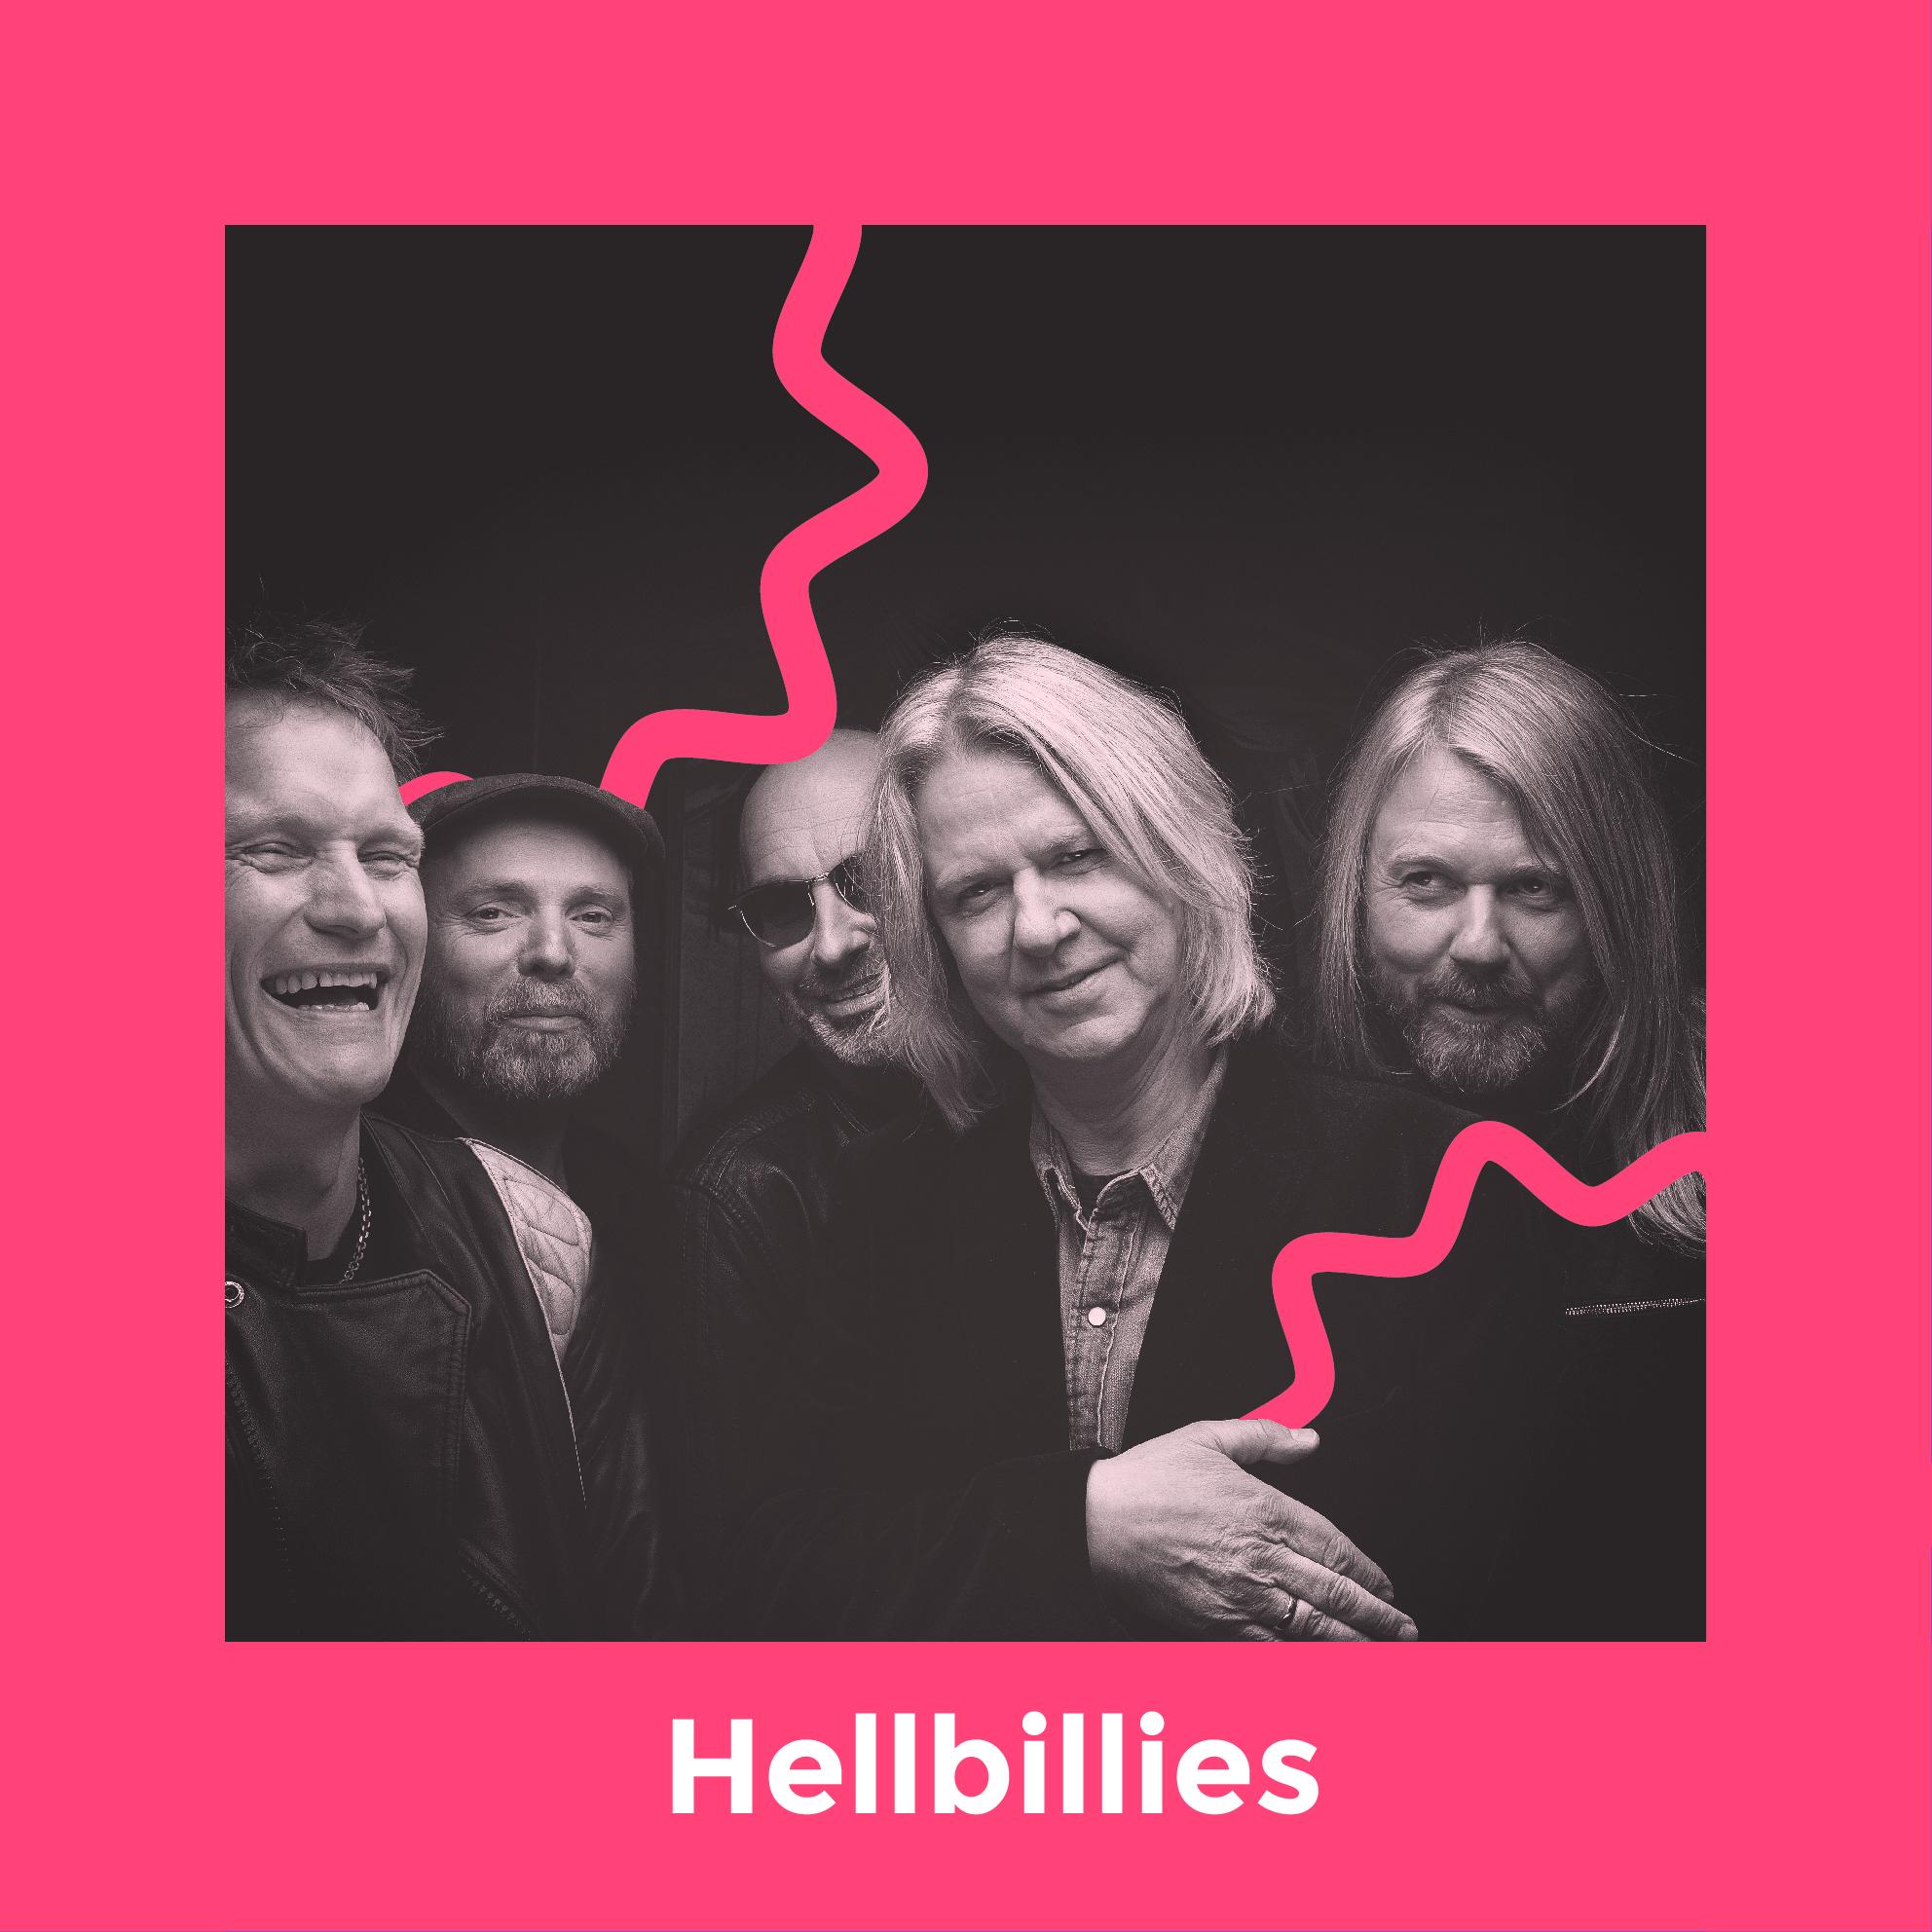 Hellbillies - Hellbillies er eit av Noregs mest suksessrike band. Det seier seg vel sjølv, når dei no legg ut på turnè i sitt 29. aktive år. Og ikkje stoppar det her heller, dei har nemleg planlagt nytt album i 2020 i anledning sitt 30. års jubileum, og det vert det 12. studioalbumet i rekkja. Vi er strålande nøgde med at Hellbillies framleis turar rundt i vårt langstrakte land, og at dei ikkje kun søkjer dei største scenene i Noreg. Tenk så heldige me er, at sjølveste Hellbillies vil stoppe i vesle vene Lærdal i sumar!